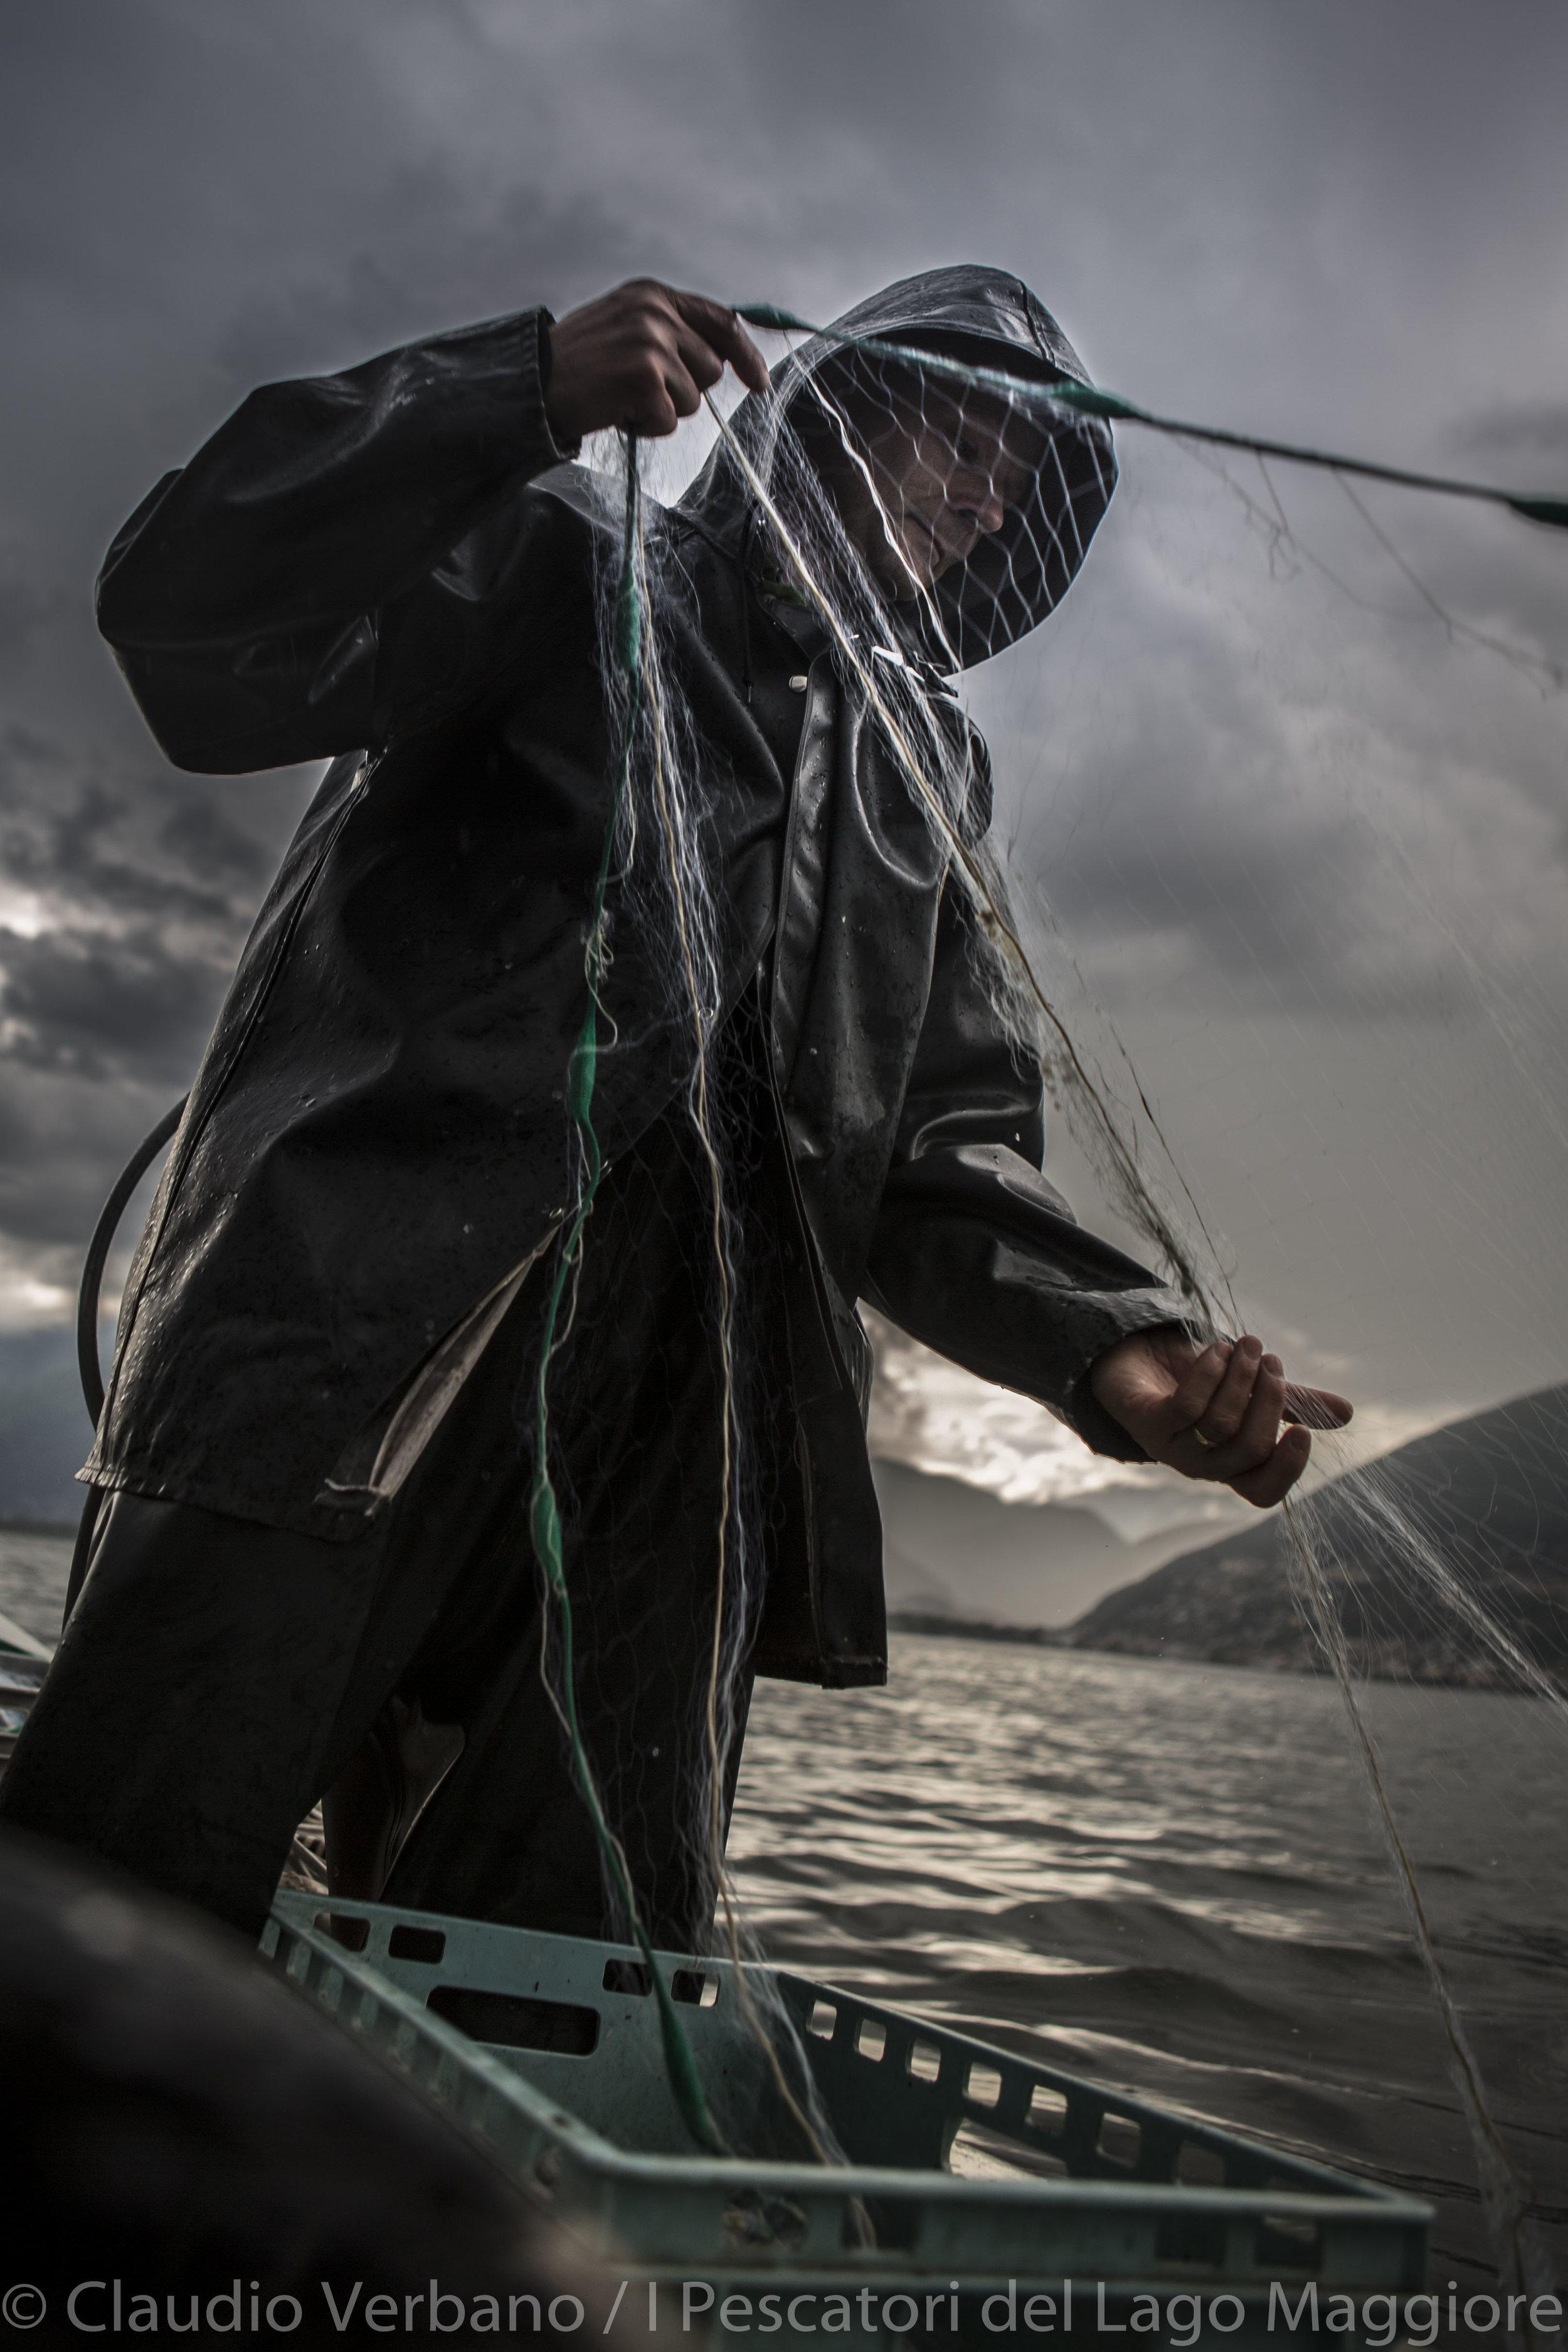 ClaudioVerbano_I Pescatori del Lago Maggiore_15.jpg